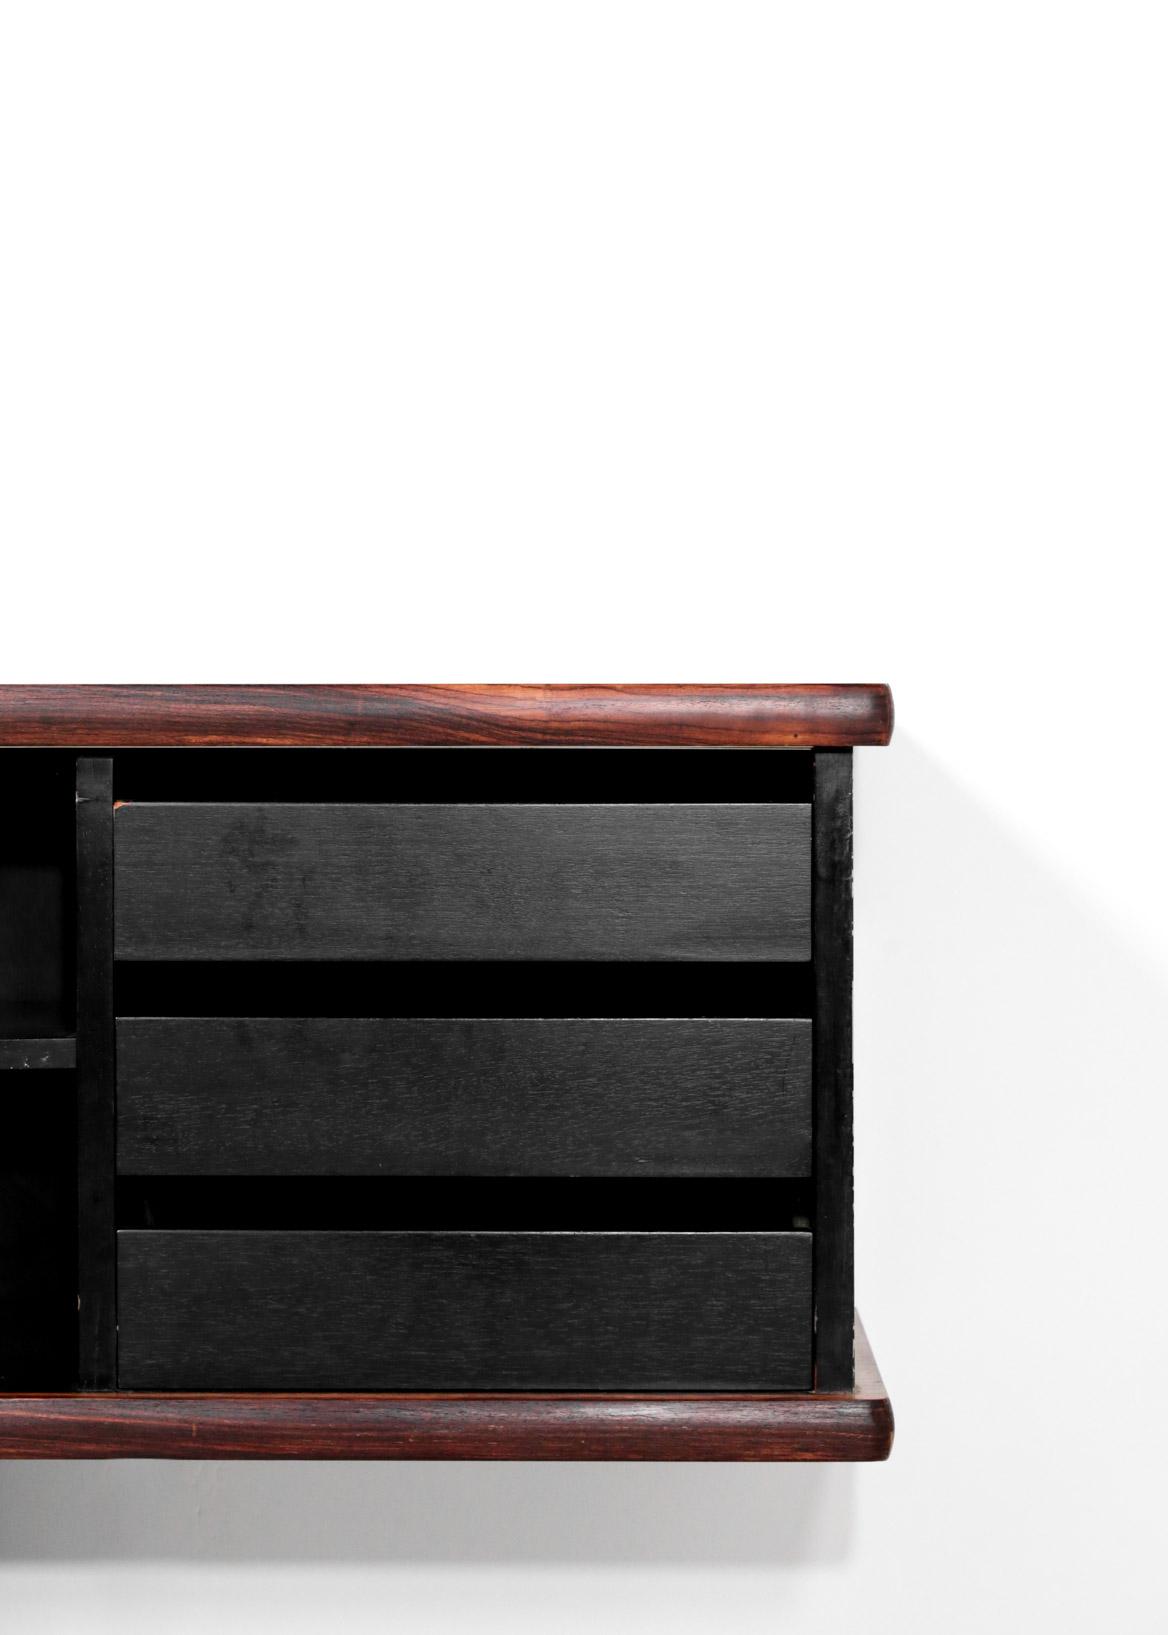 grande enfilade suspendue osvaldo borsani design ann es 70 vintage danke galerie. Black Bedroom Furniture Sets. Home Design Ideas